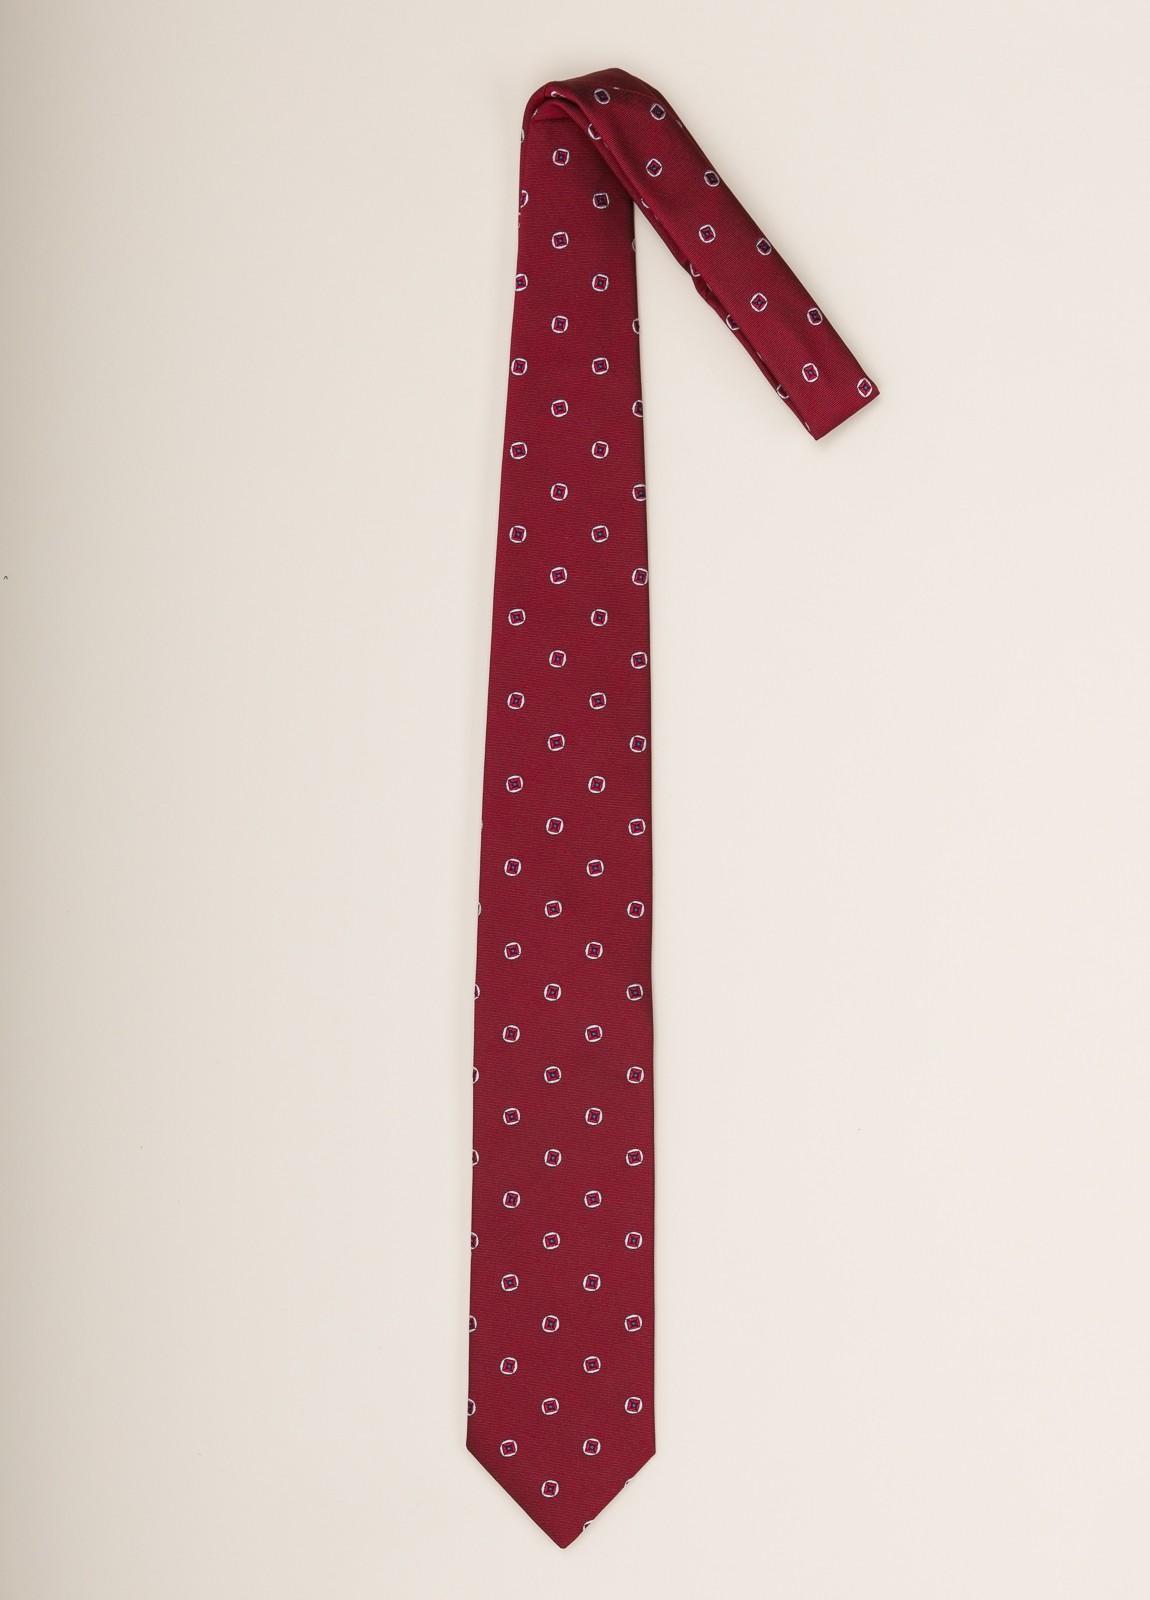 Corbata FUREST COLECCIÓN rojo - Ítem1